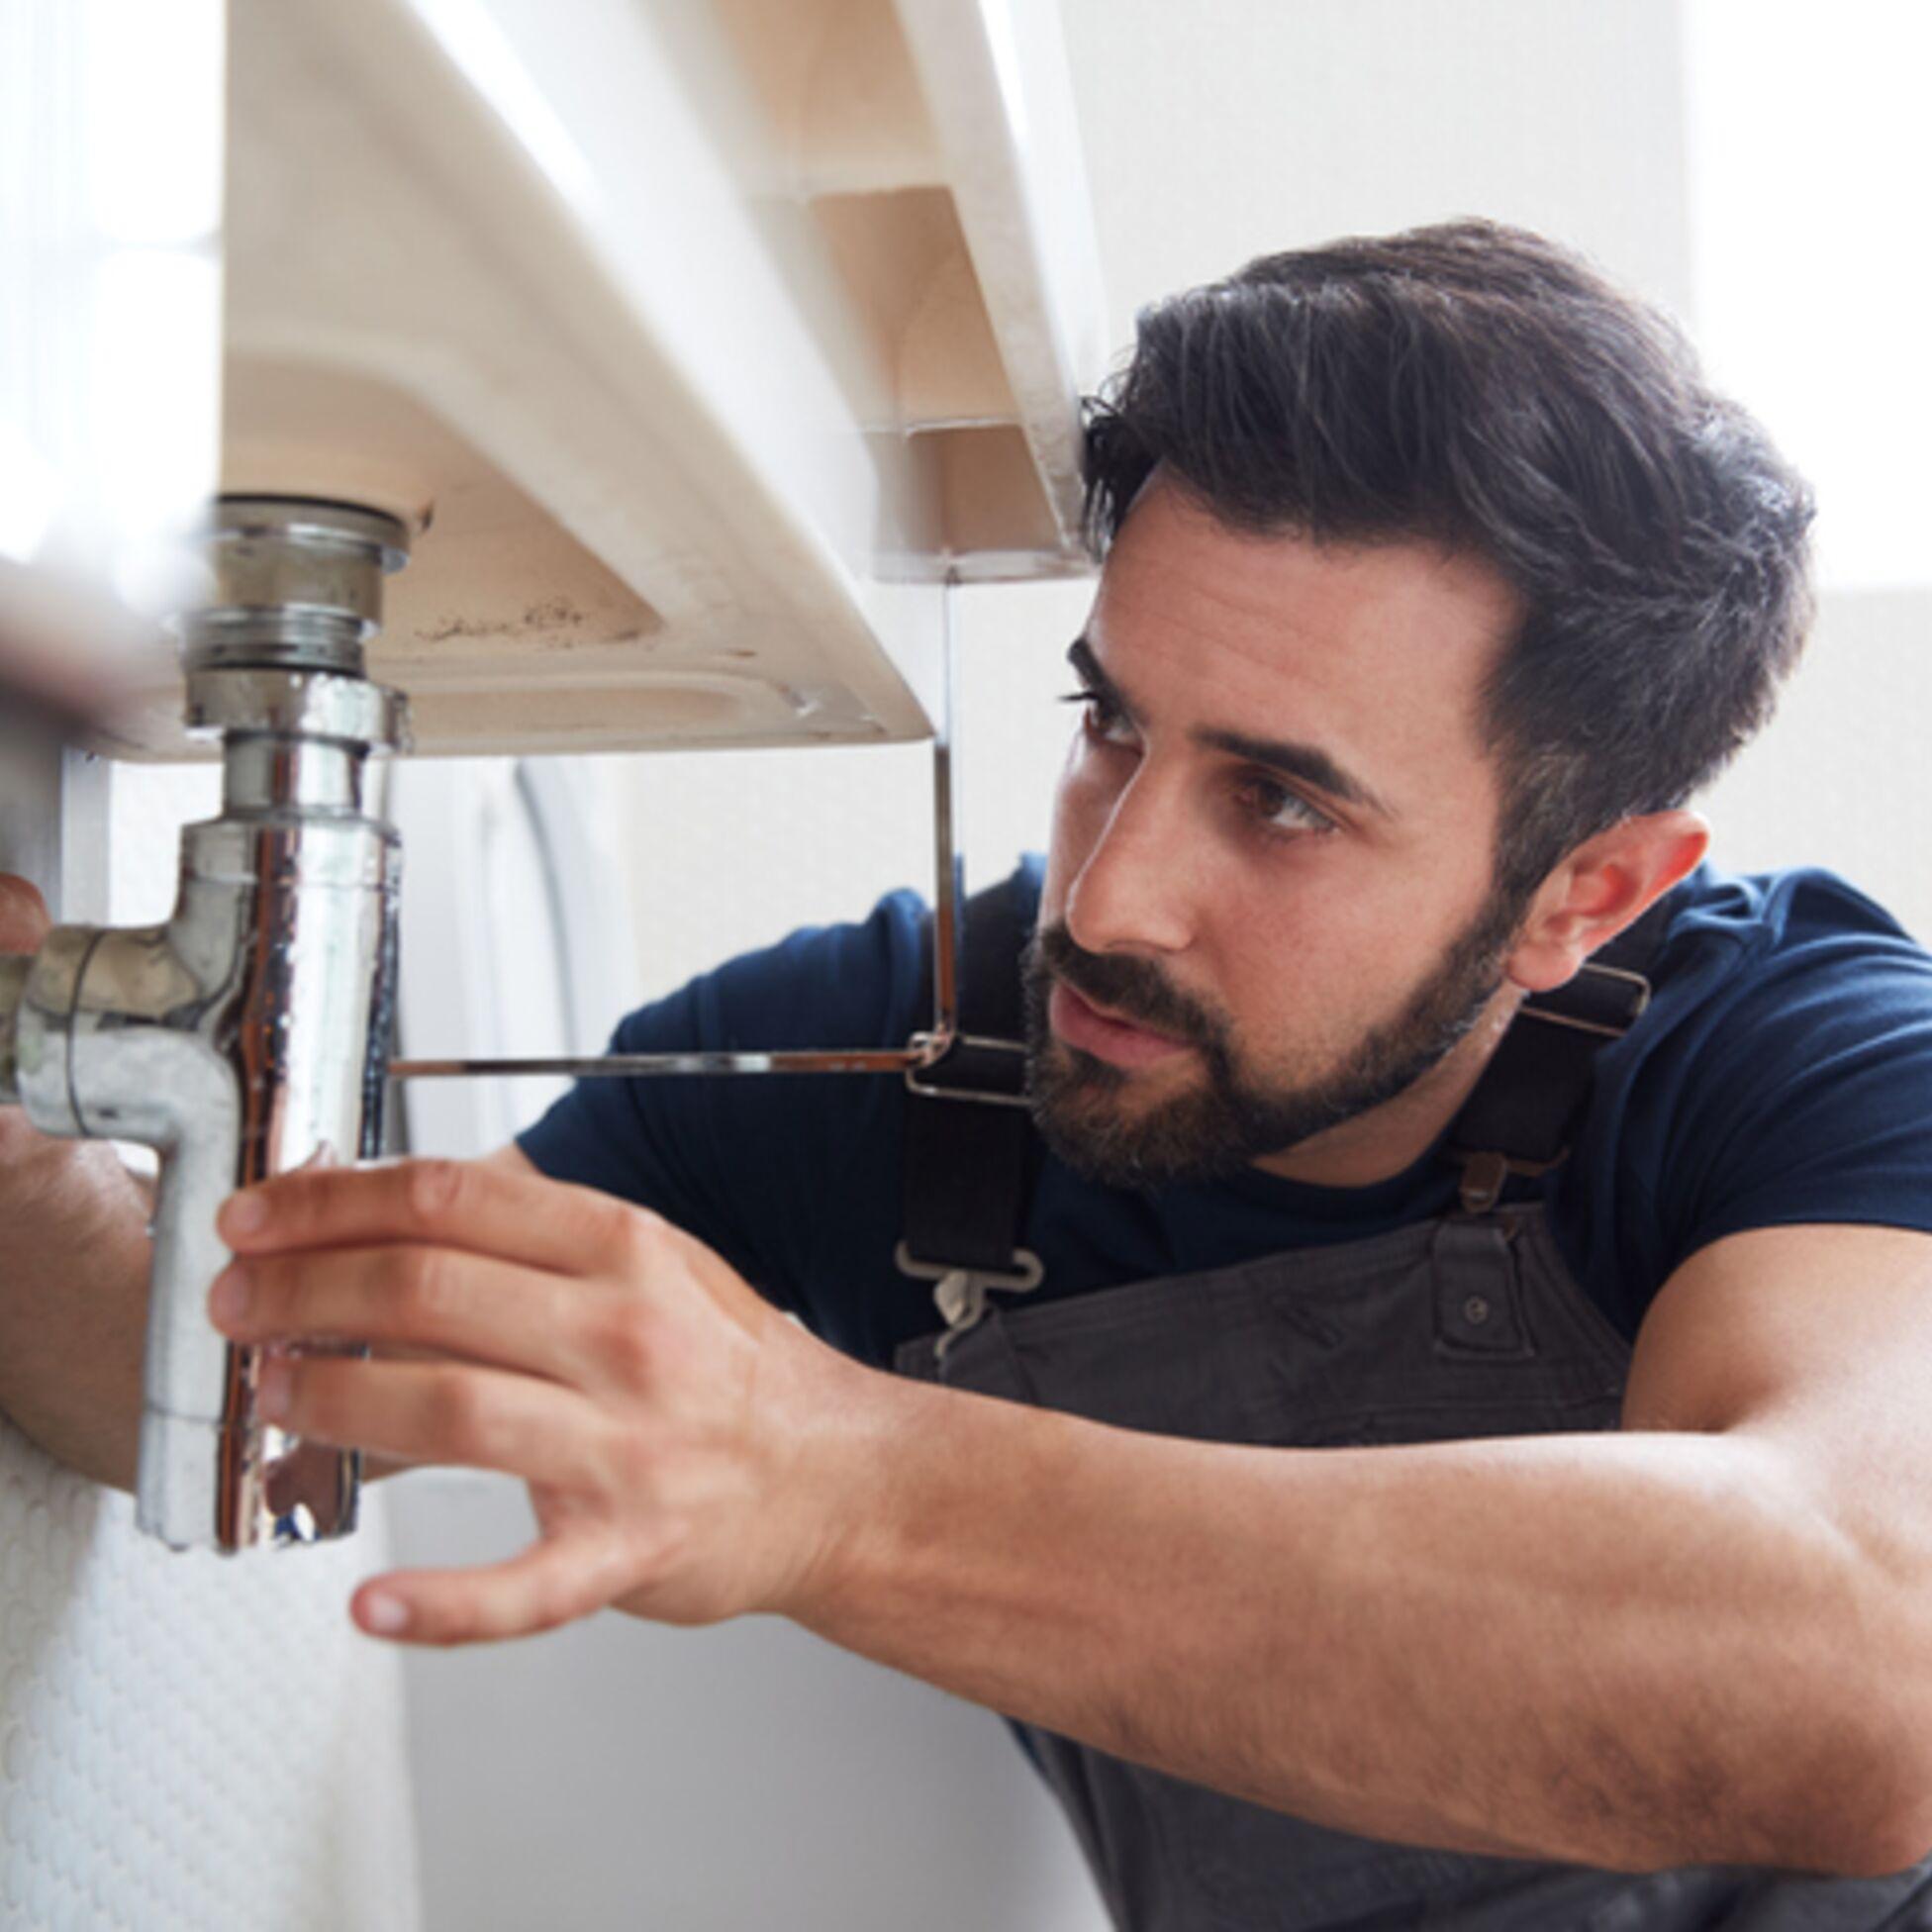 Hausmeister repariert ein Abflussrohr im Badezimmer